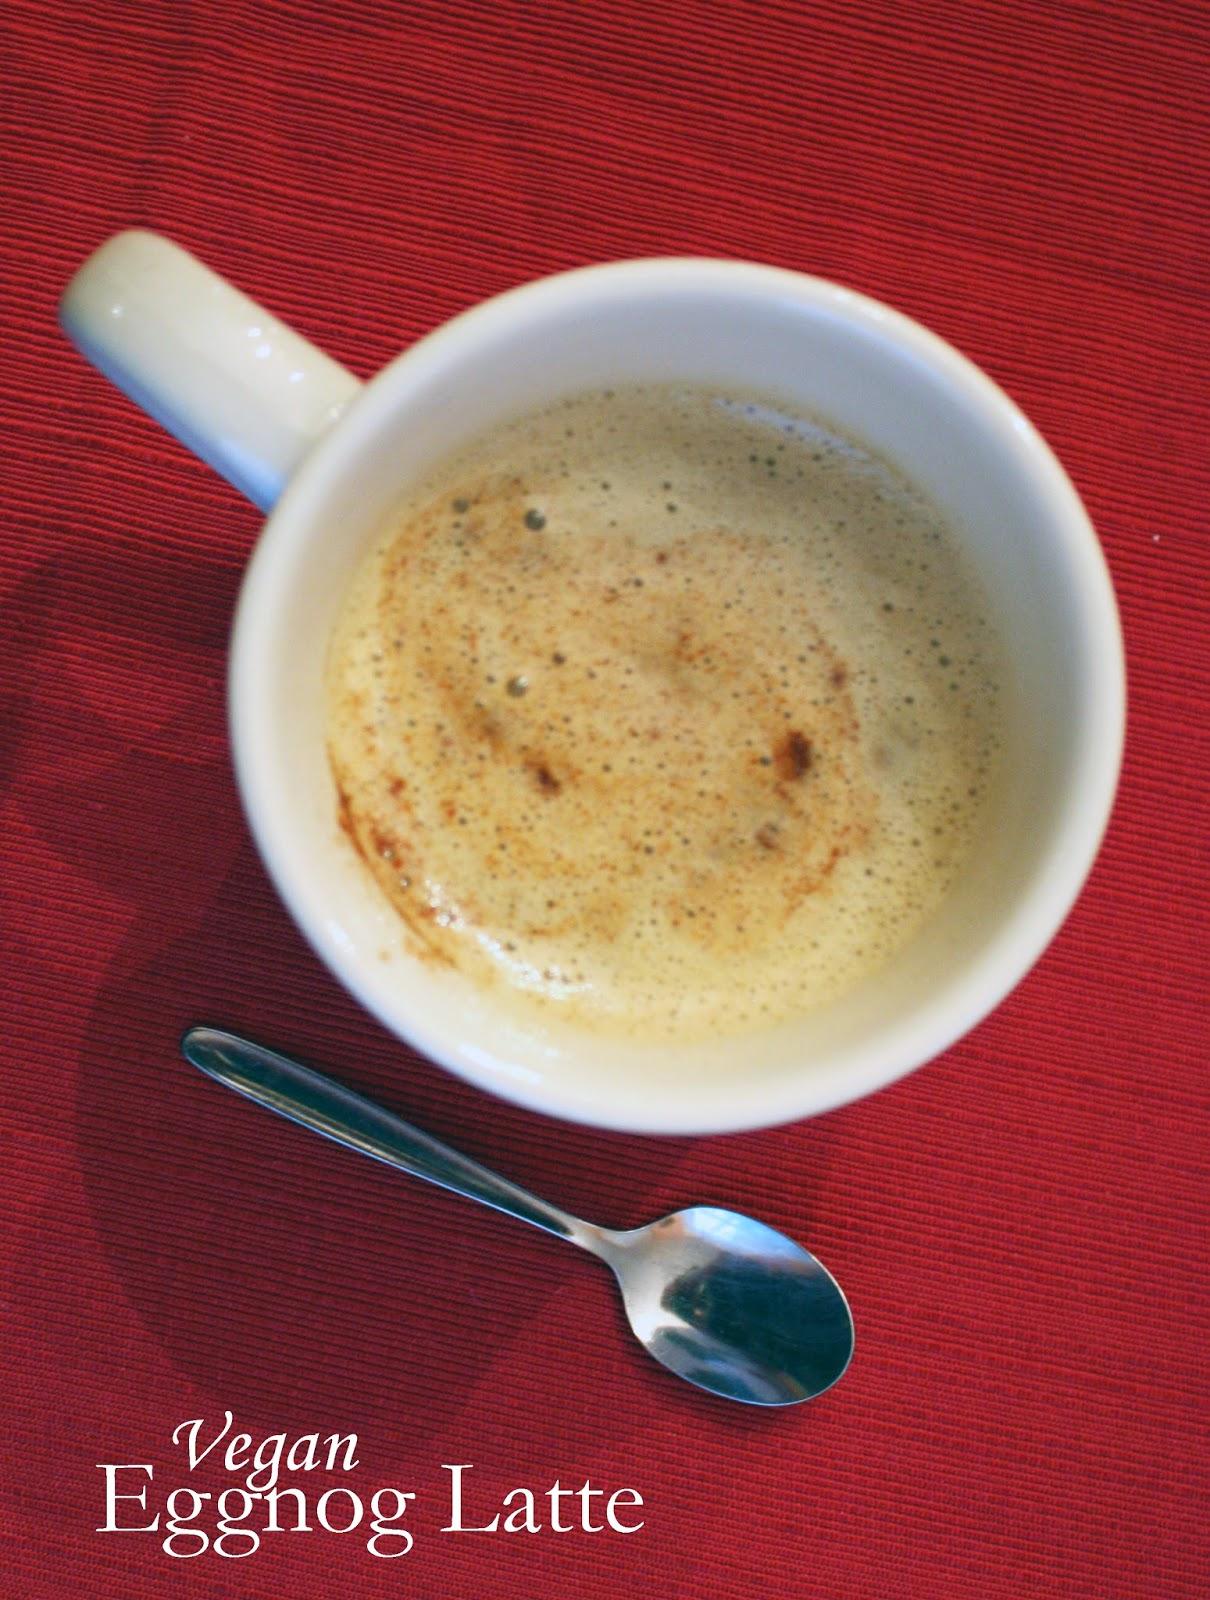 vegan eggnog latte